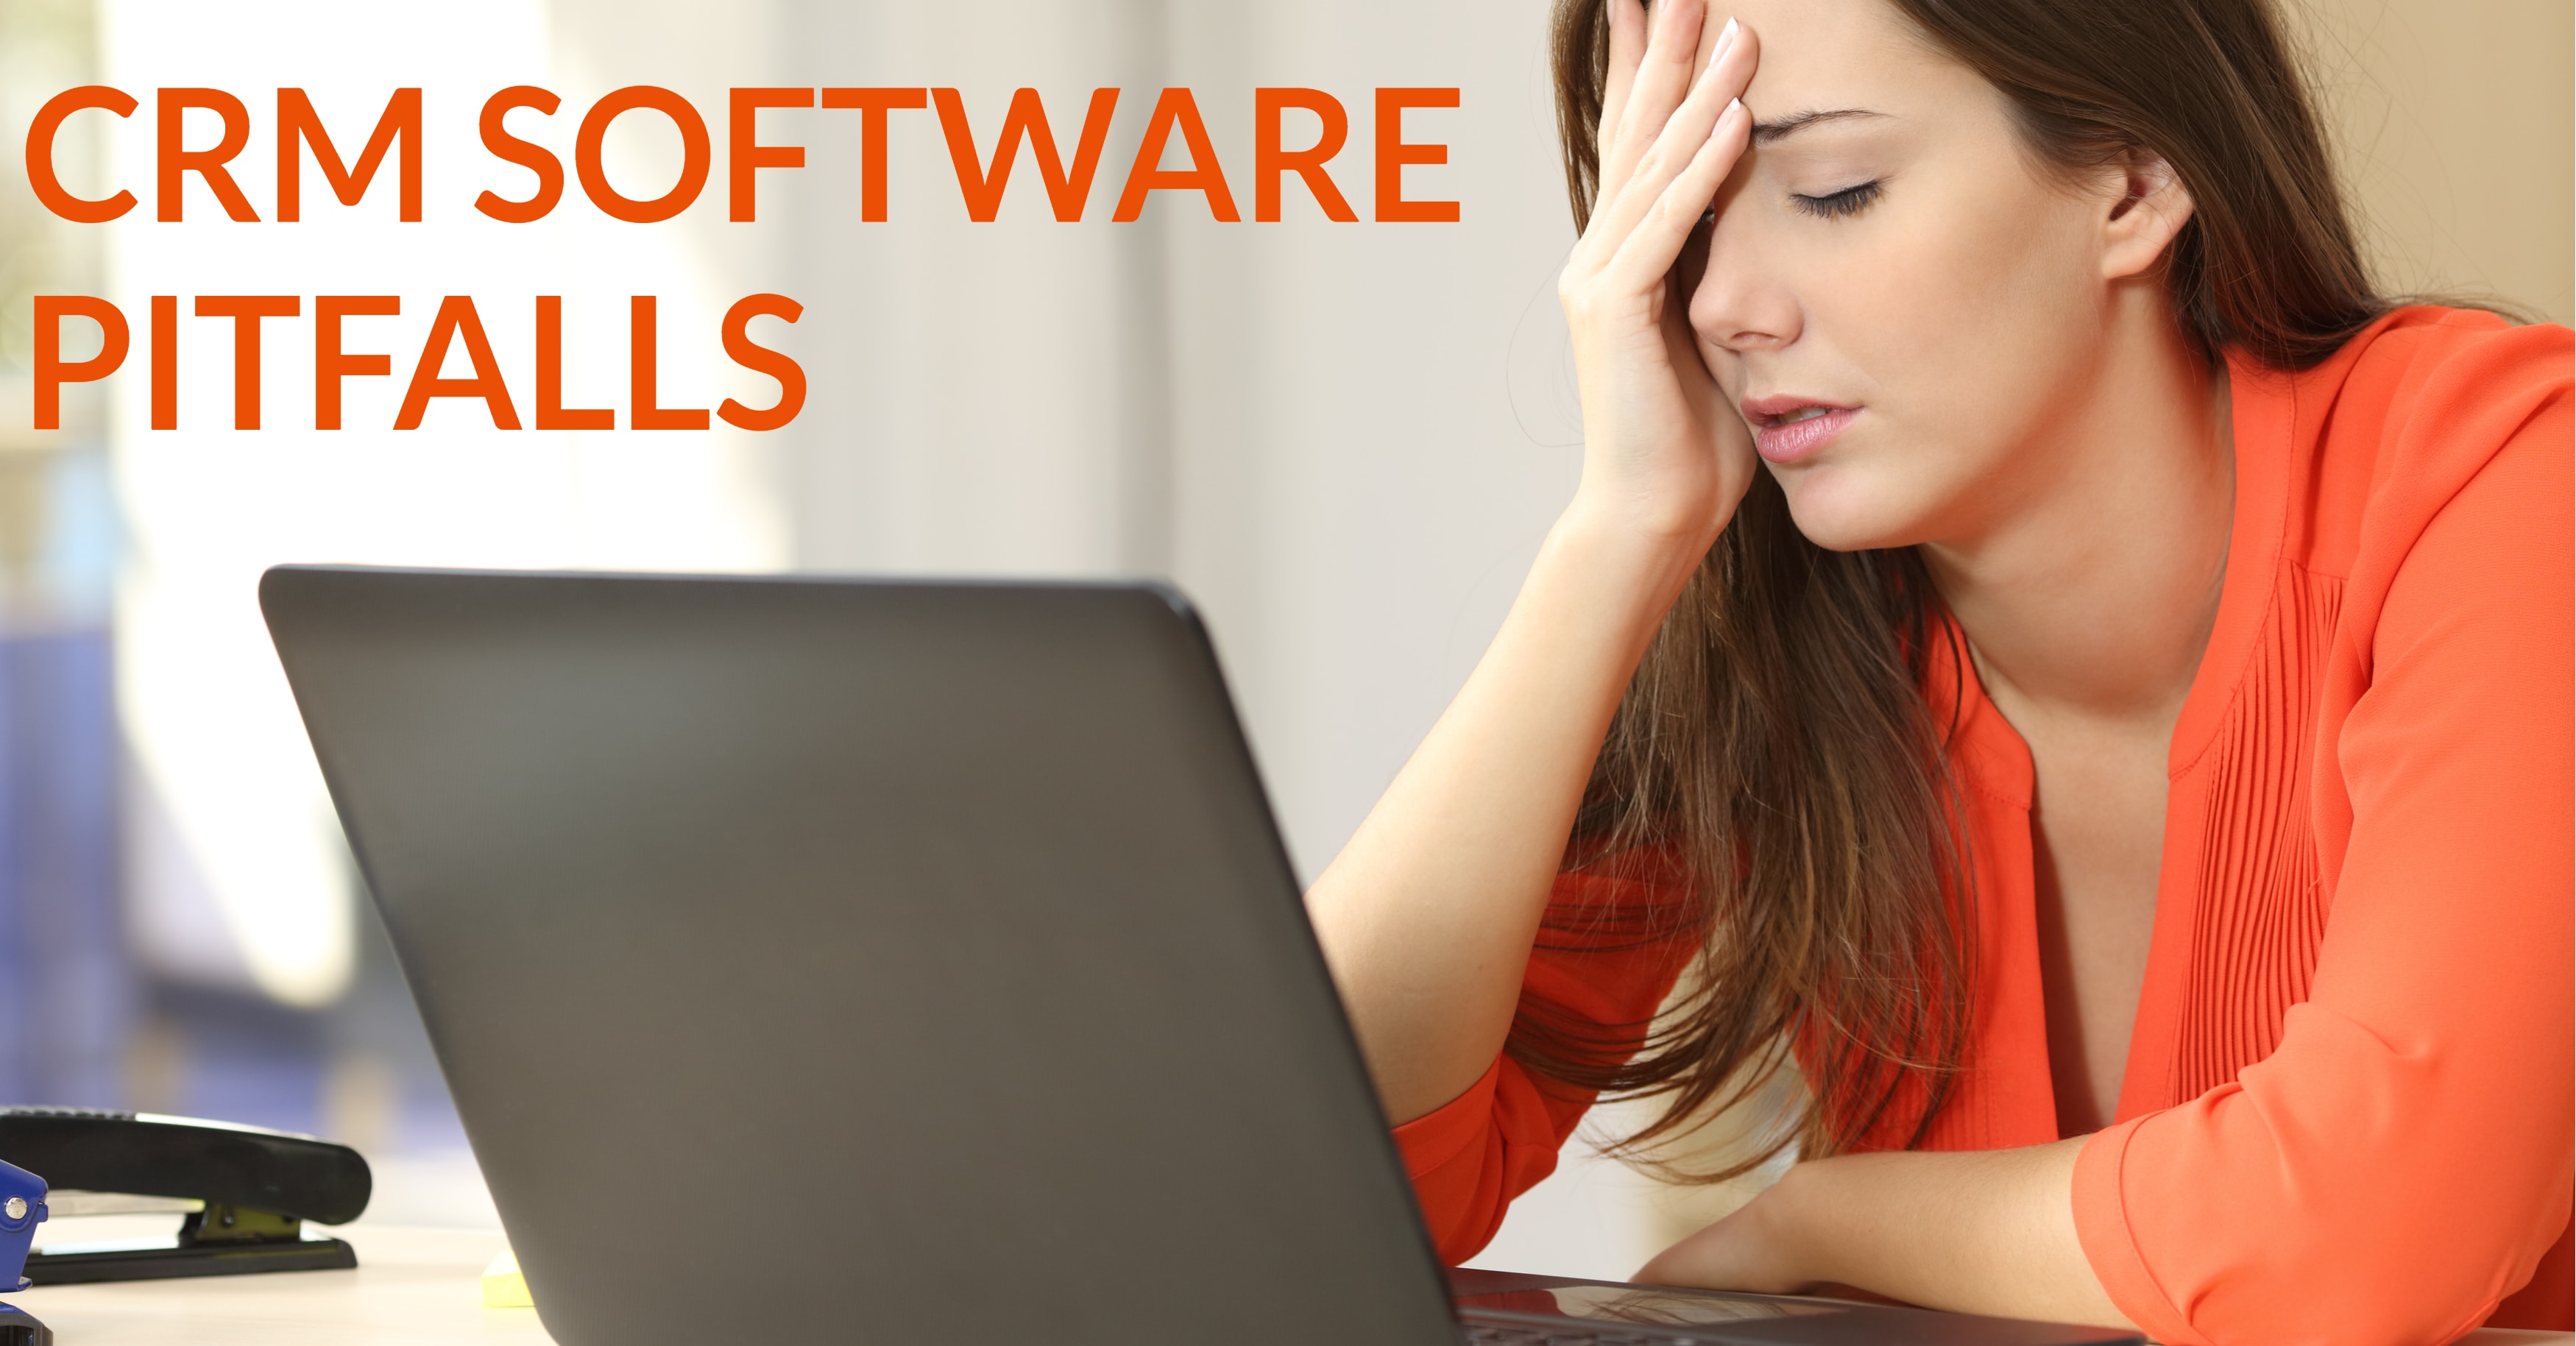 CRM Software Pitfalls